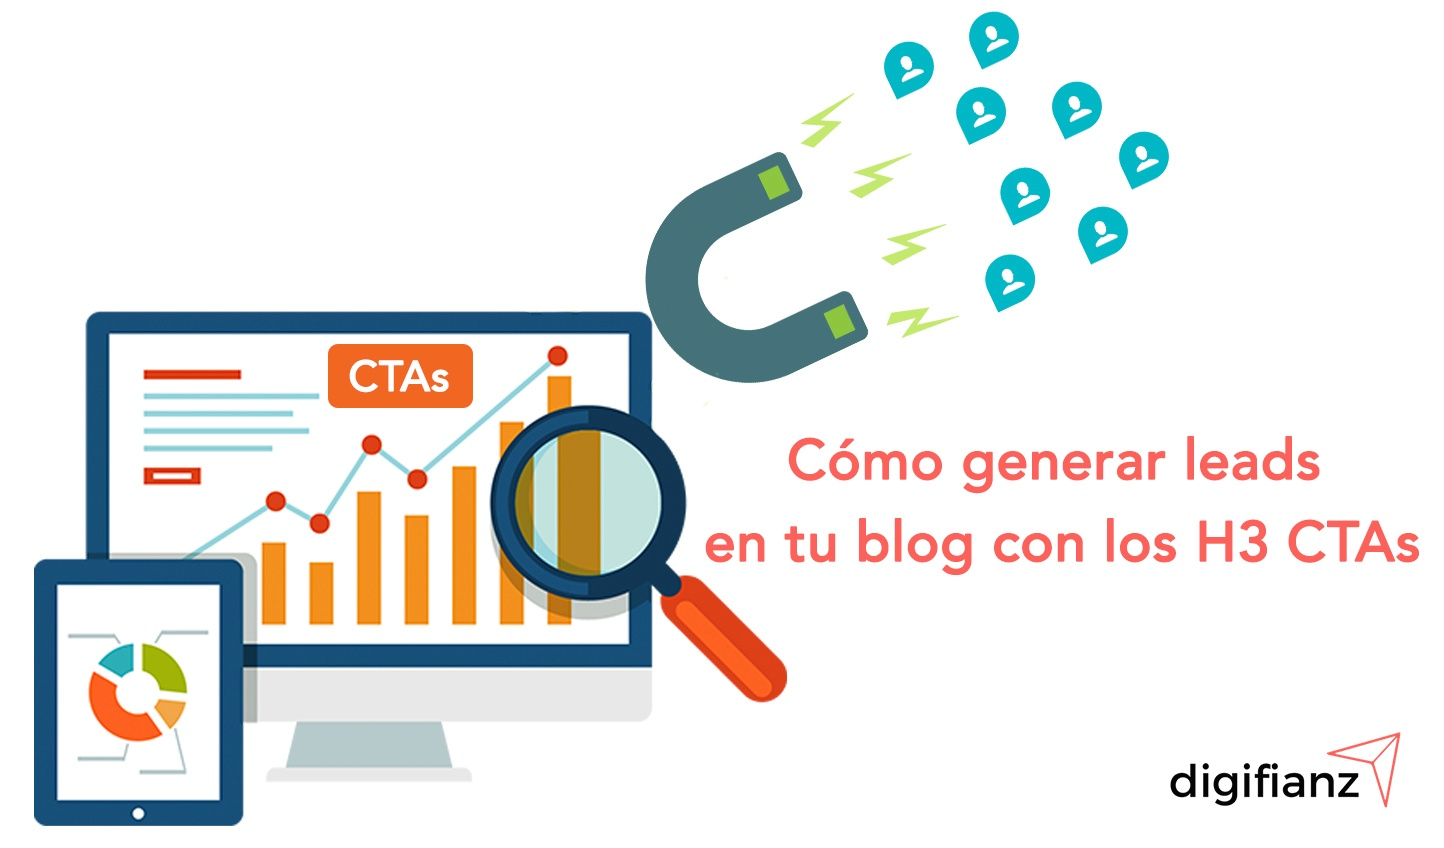 Cómo generar leads en tu blog con los H3 CTAs